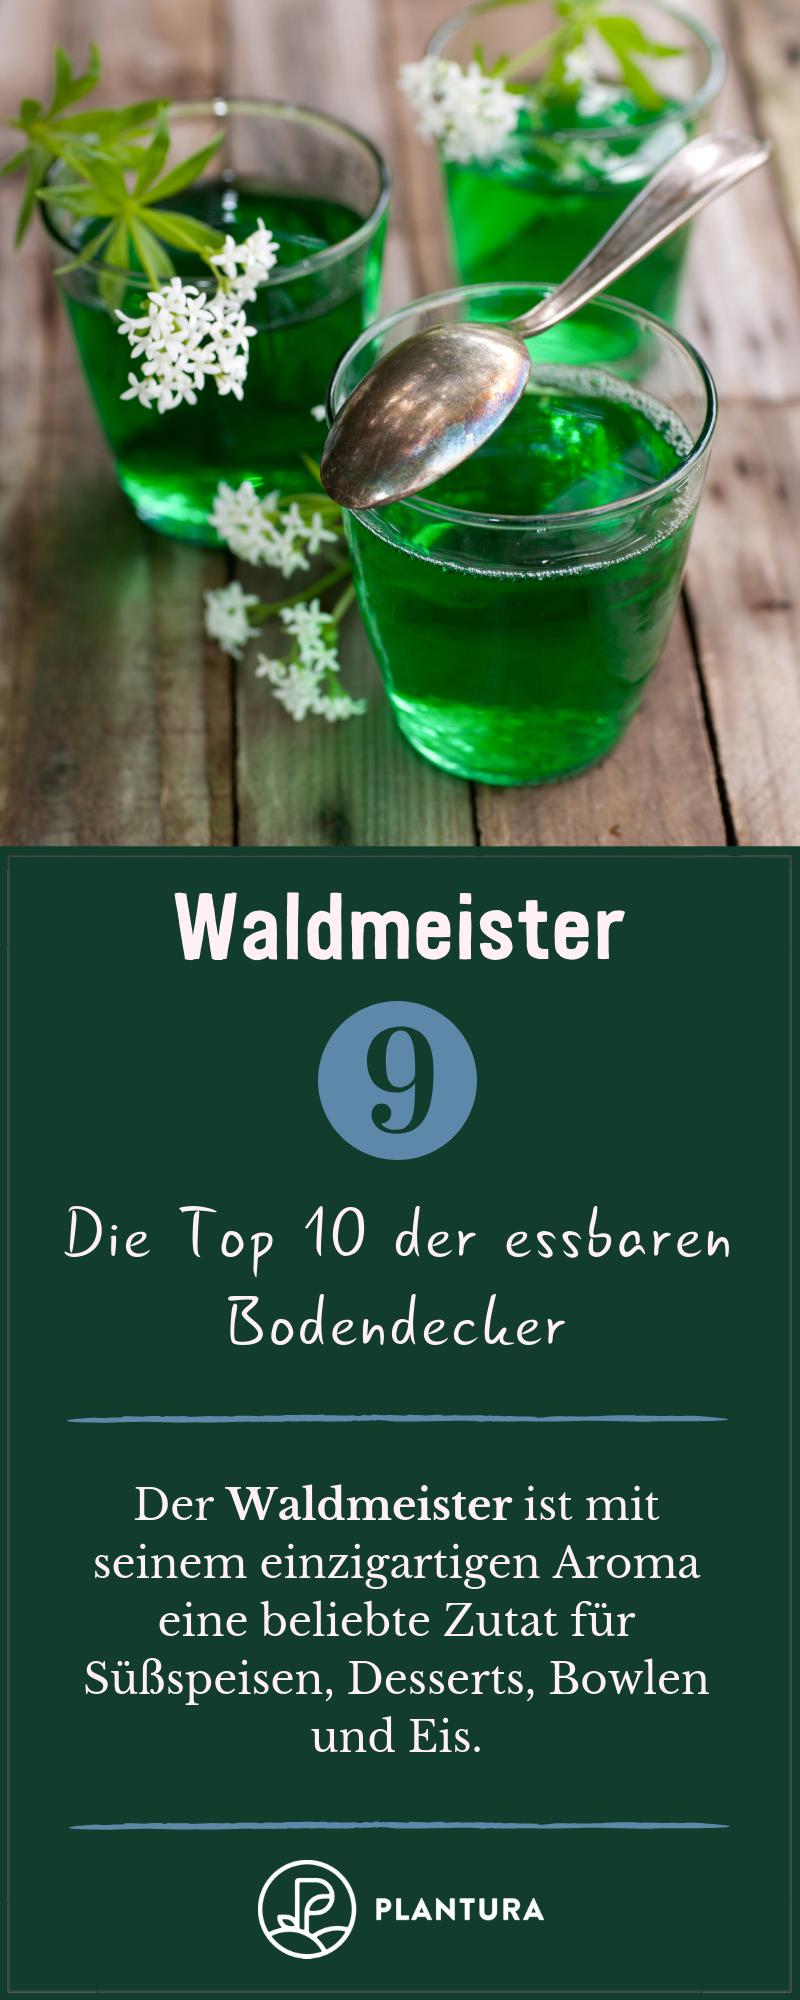 Essbare Bodendecker: Die Top 10 für Ihren Garten #hatflower